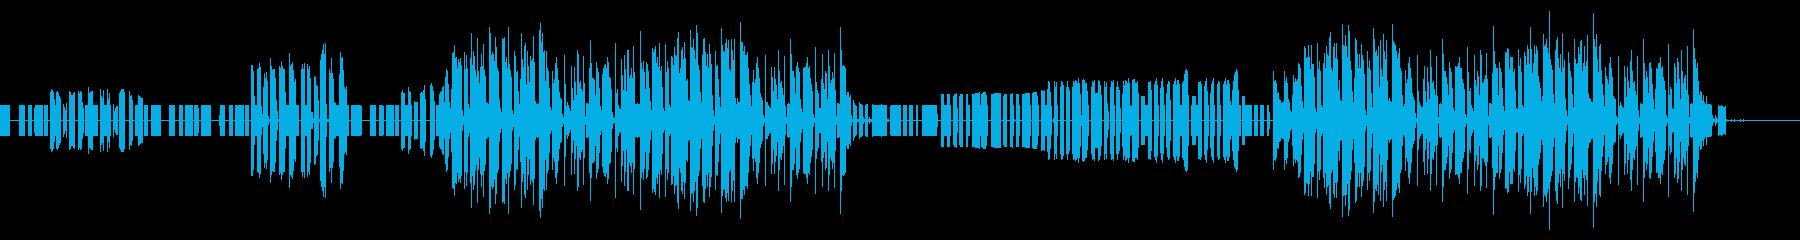 レトロゲーム風ダンスビートの再生済みの波形